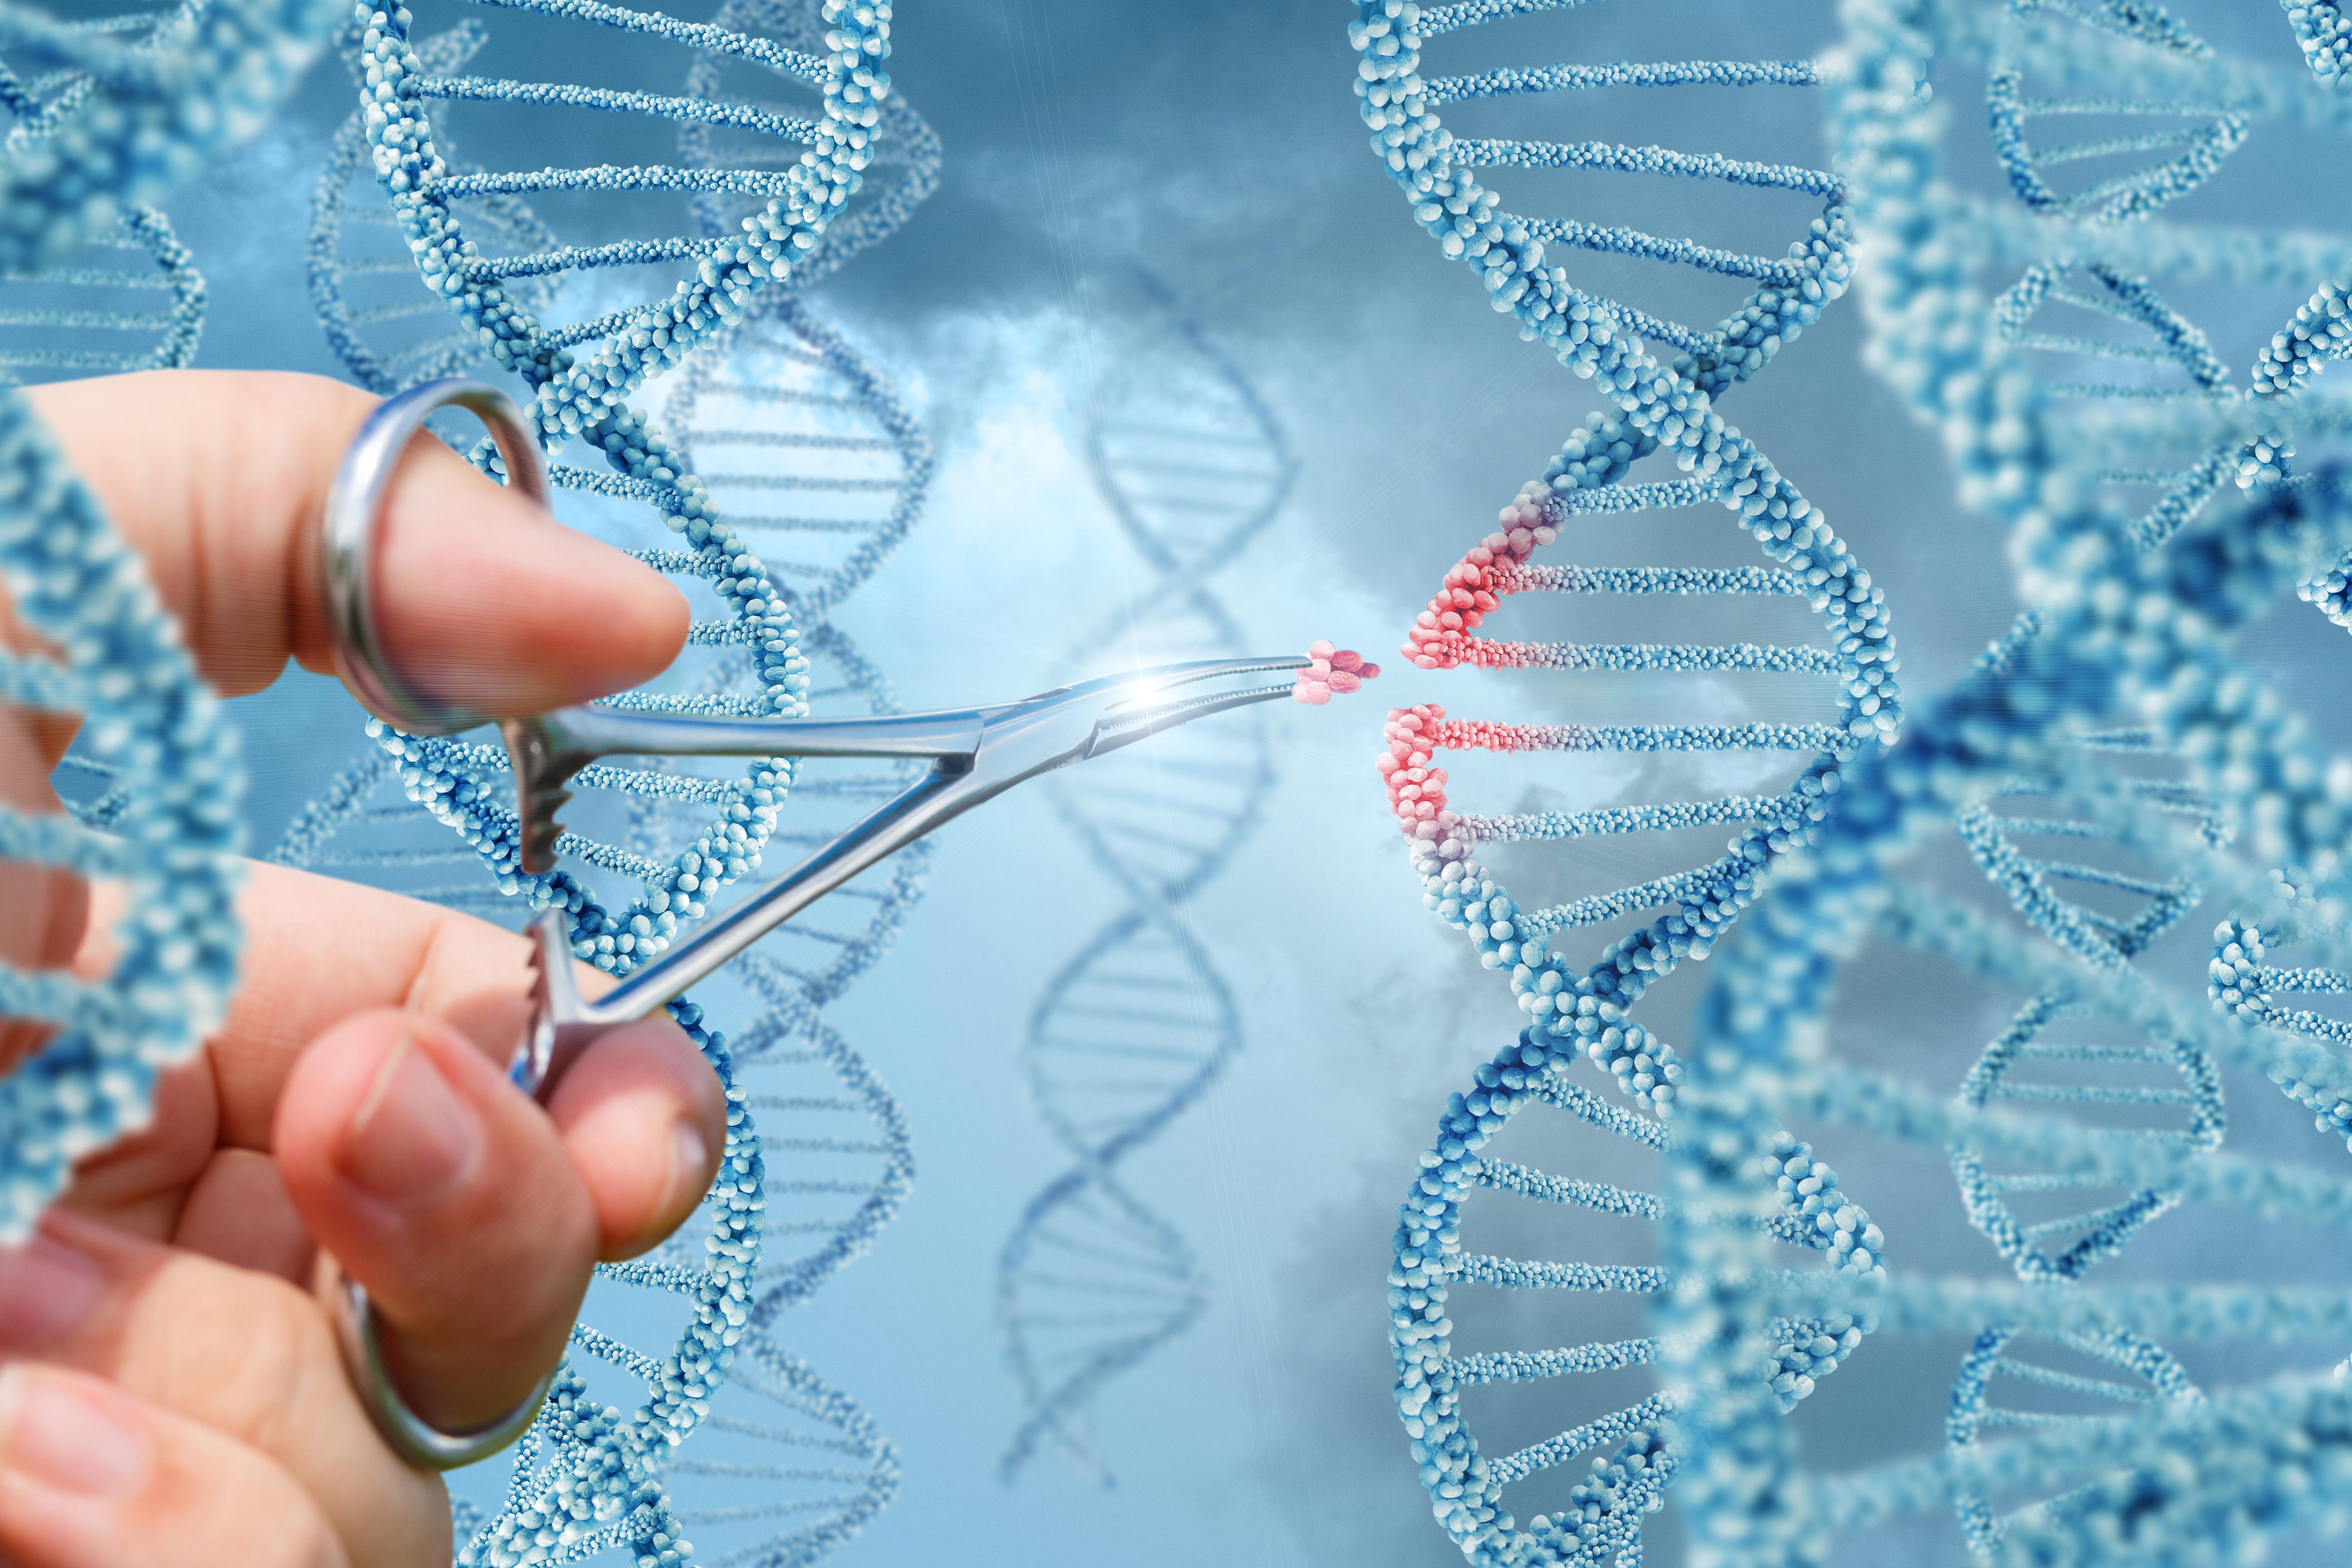 À l'aide du système d'édition du génome CRISPR / Cas9 (Visuel 2), les chercheurs ont retiré les molécules « de reconnaissance » du système immunitaire qui se trouvent à la surface des cellules souches.